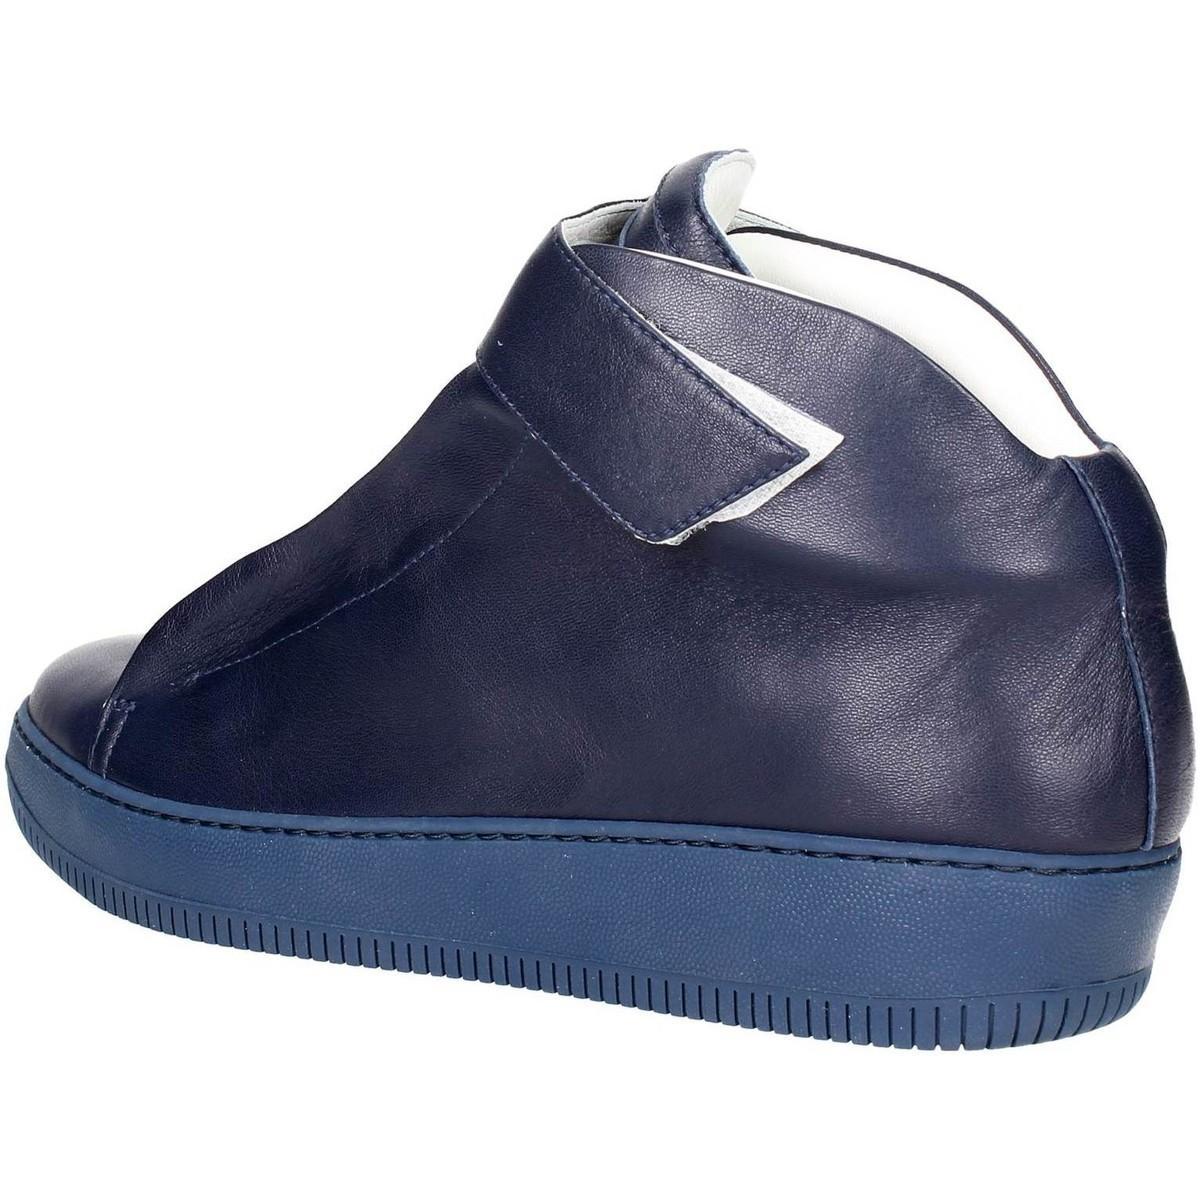 B4 FUJIWARA-5I hommes Chaussures en bleu Date pour homme en coloris Bleu - 49 % de réduction tZc7